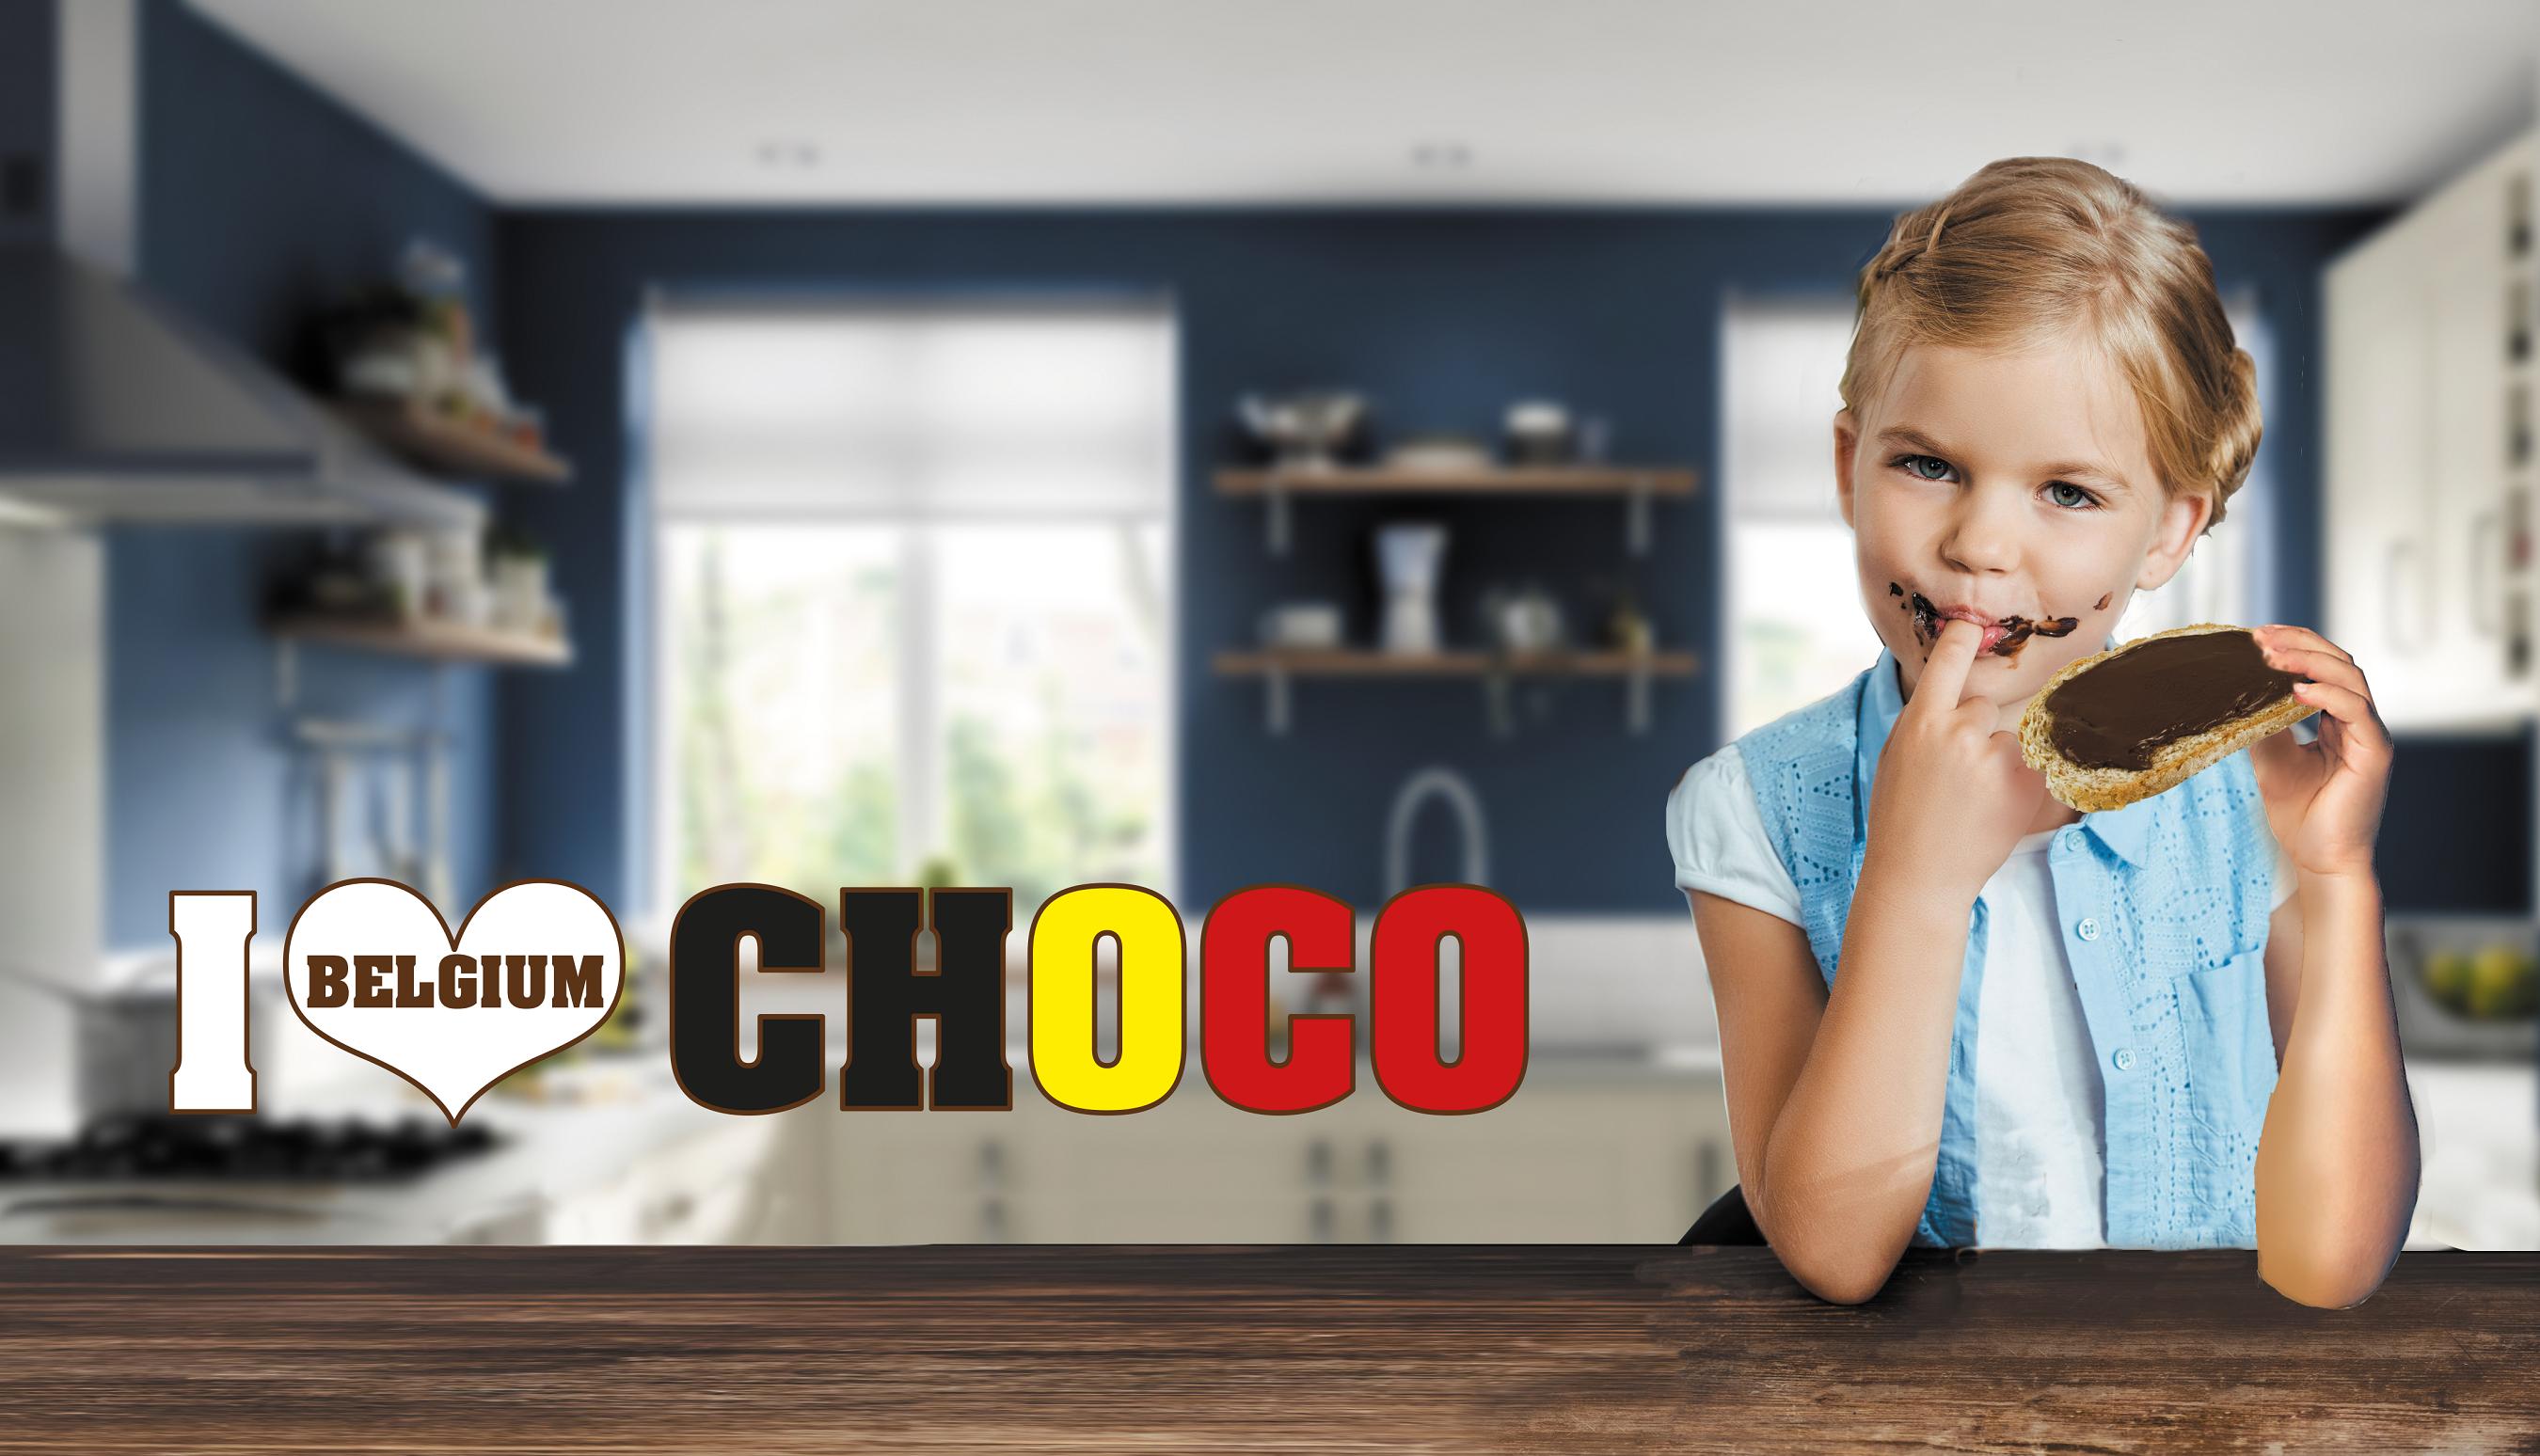 I love Belgium choco de luxe choco-hazelnootpasta van amanprana